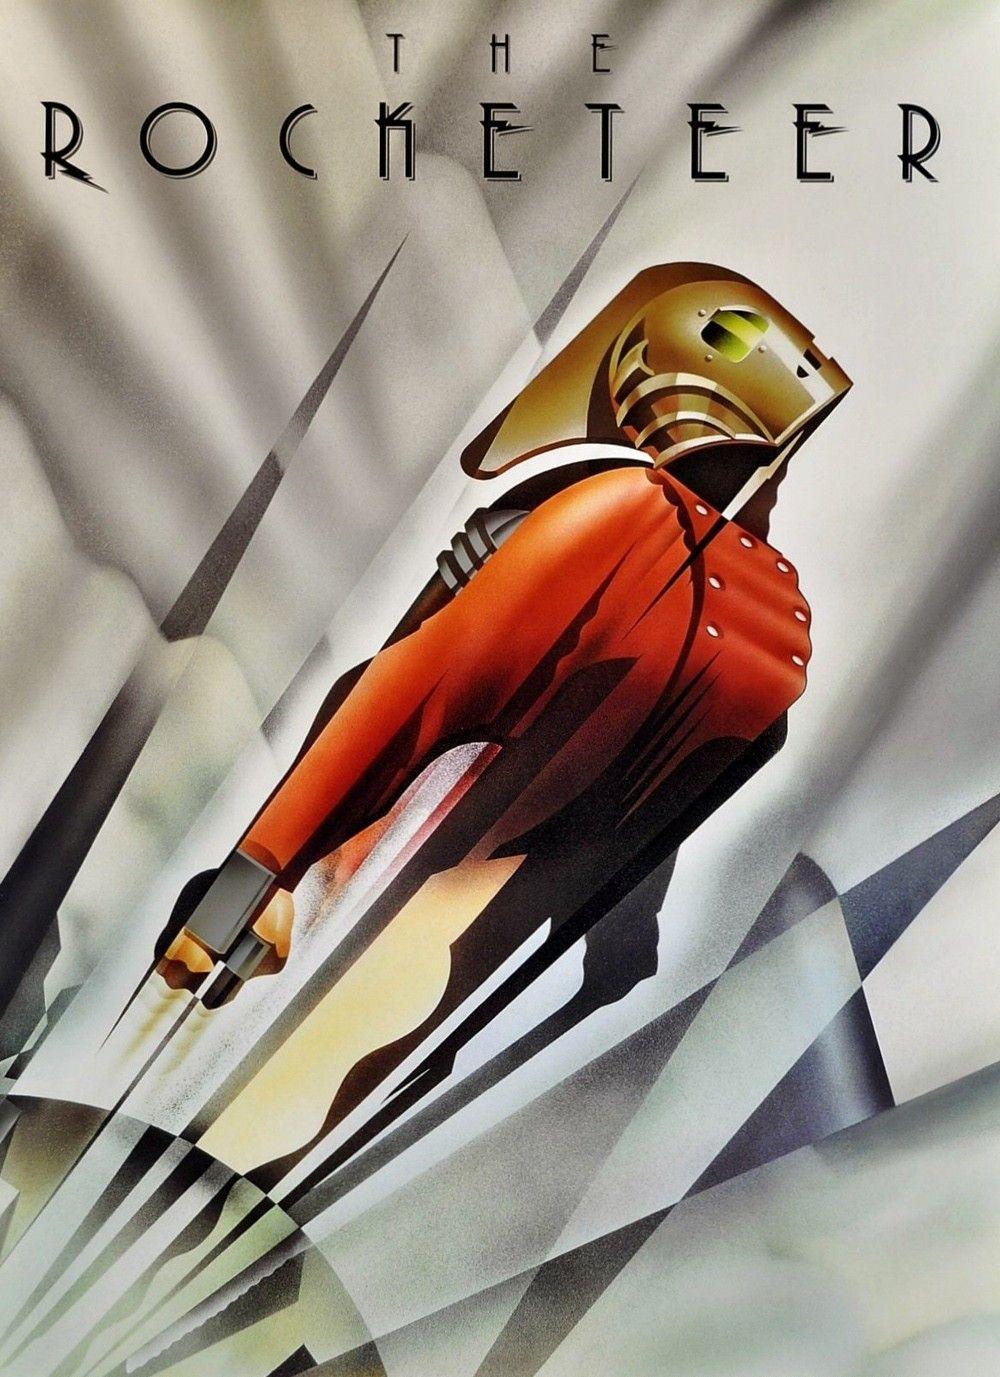 """""""Rocketeer"""", una película que paso sin pena ni gloria basada en el magnífico comic de Dave Stevens, tenía este chulísimo poster de aires Art Decó."""